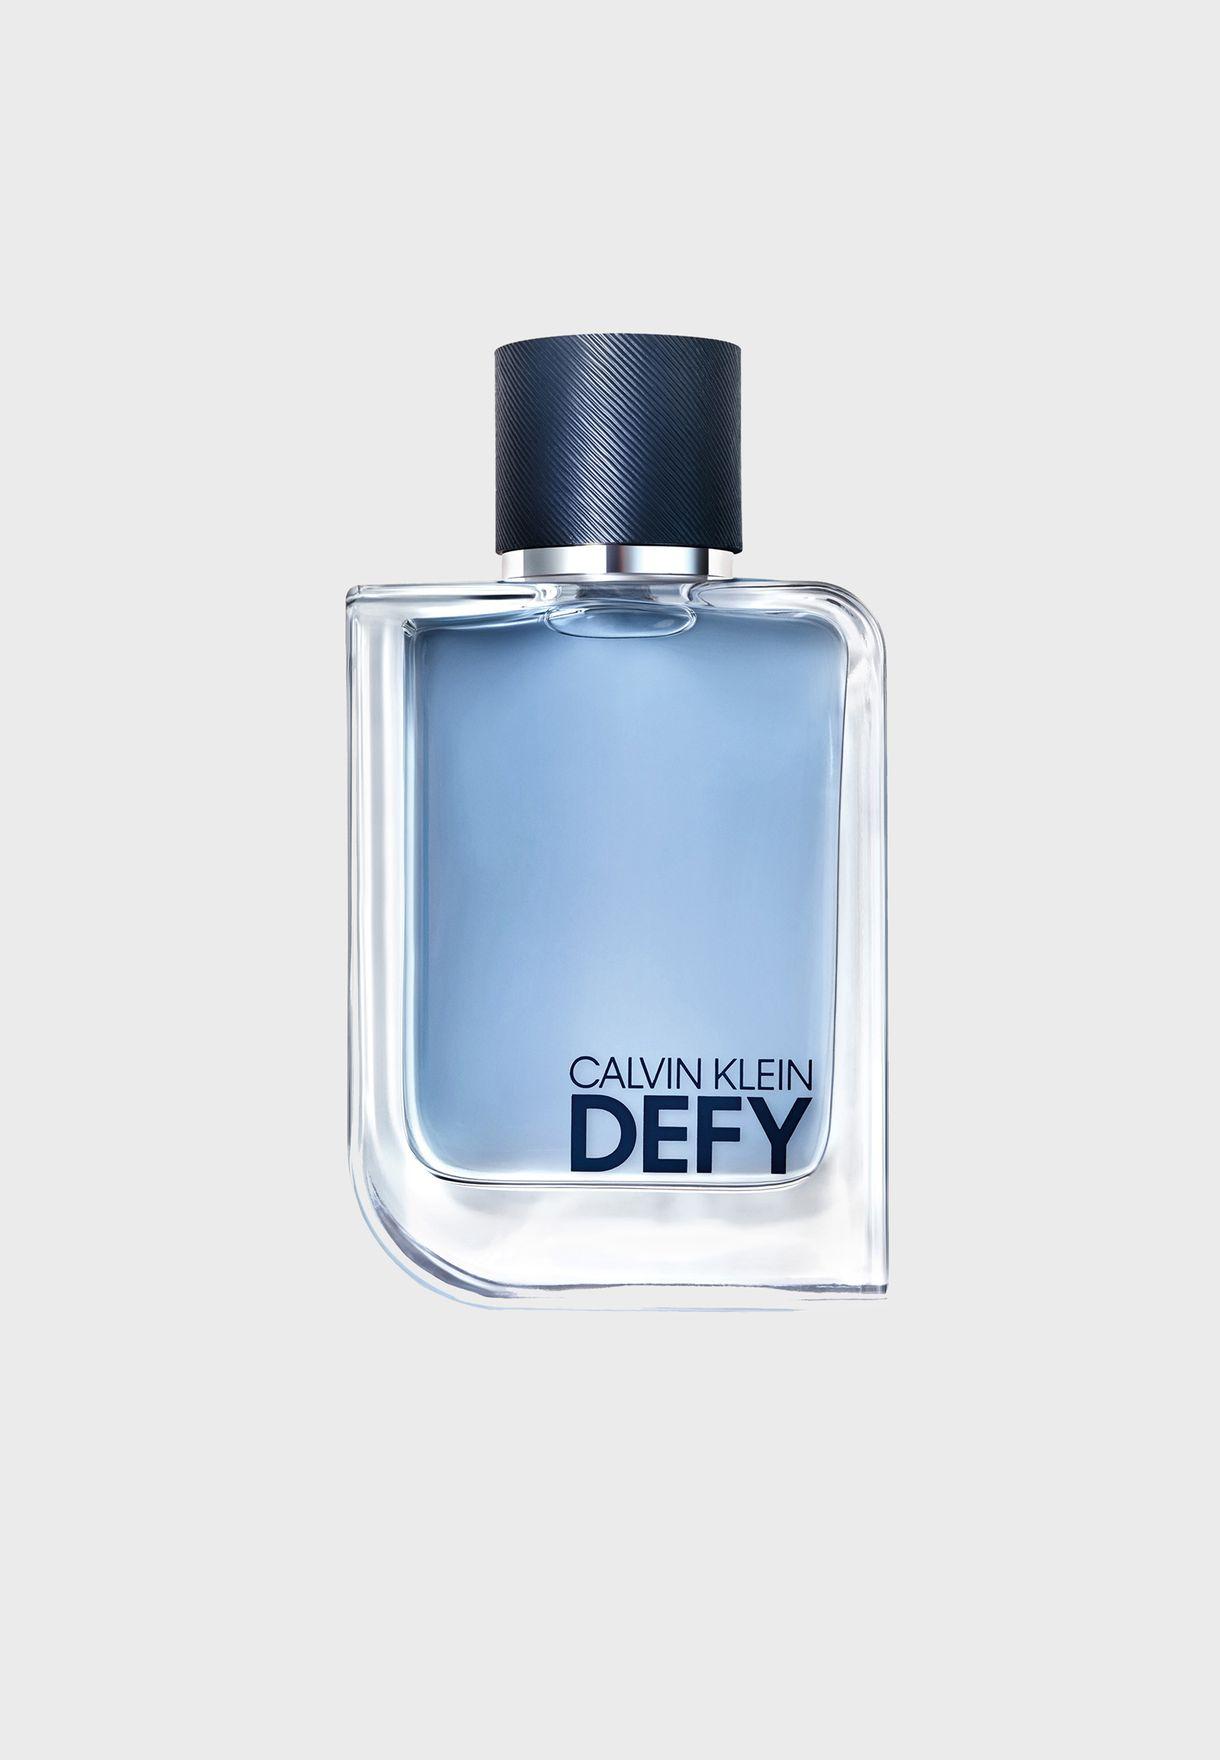 Calvin Klein Defy Eau de Toilette for Men 100ml